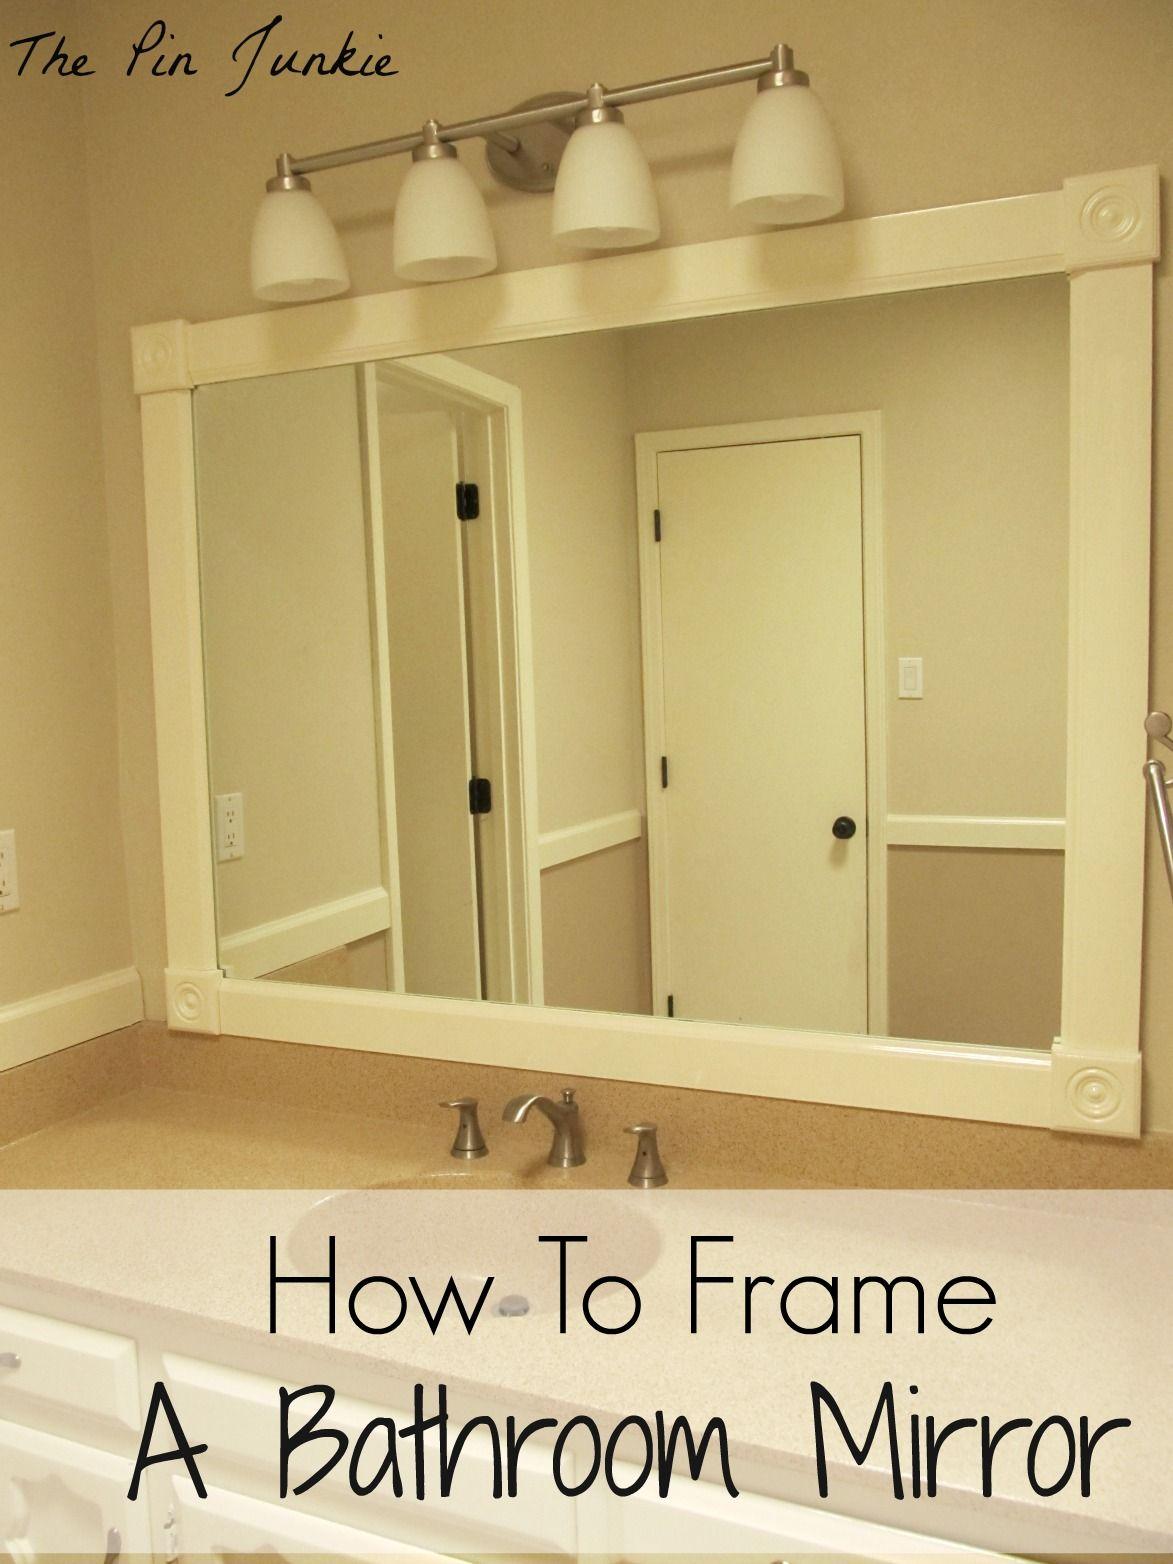 How to Frame a Bathroom Mirror | Frame bathroom mirrors, Bathroom ...